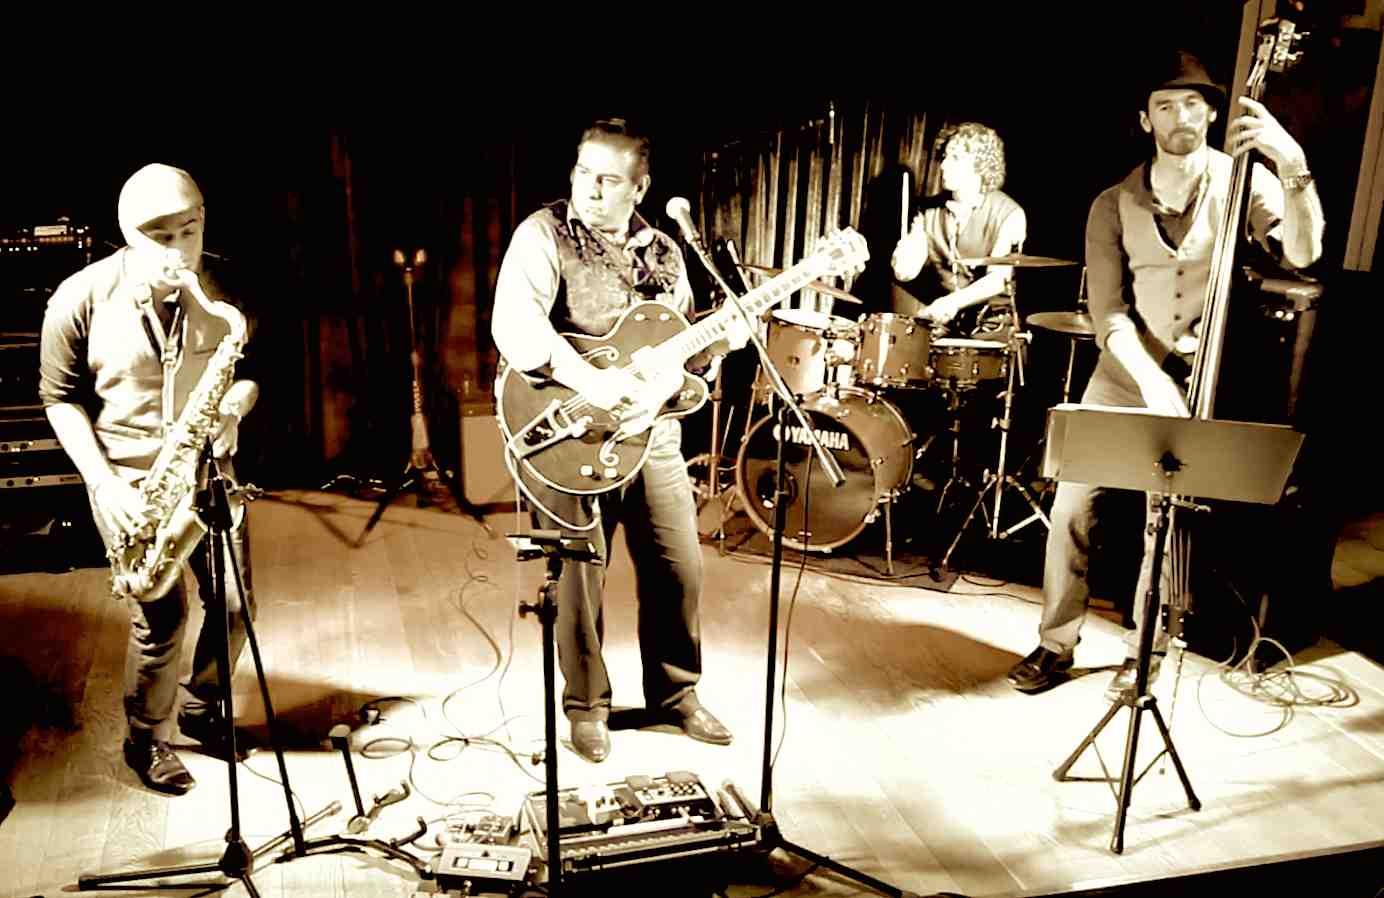 dubai-rock-band